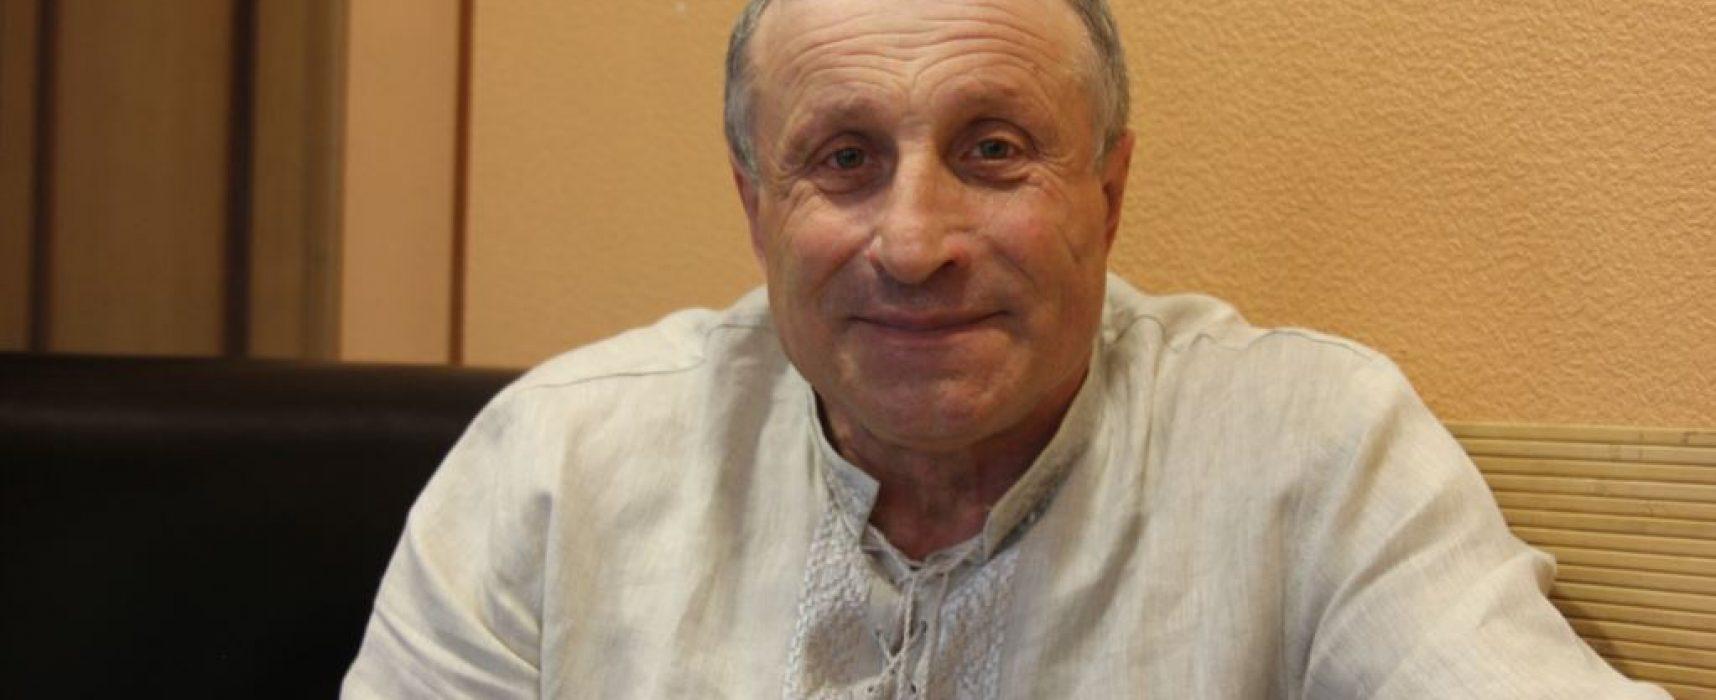 Суд у Сімферополі задовольнив клопотання щодо судимості кримського журналіста Миколи Семени